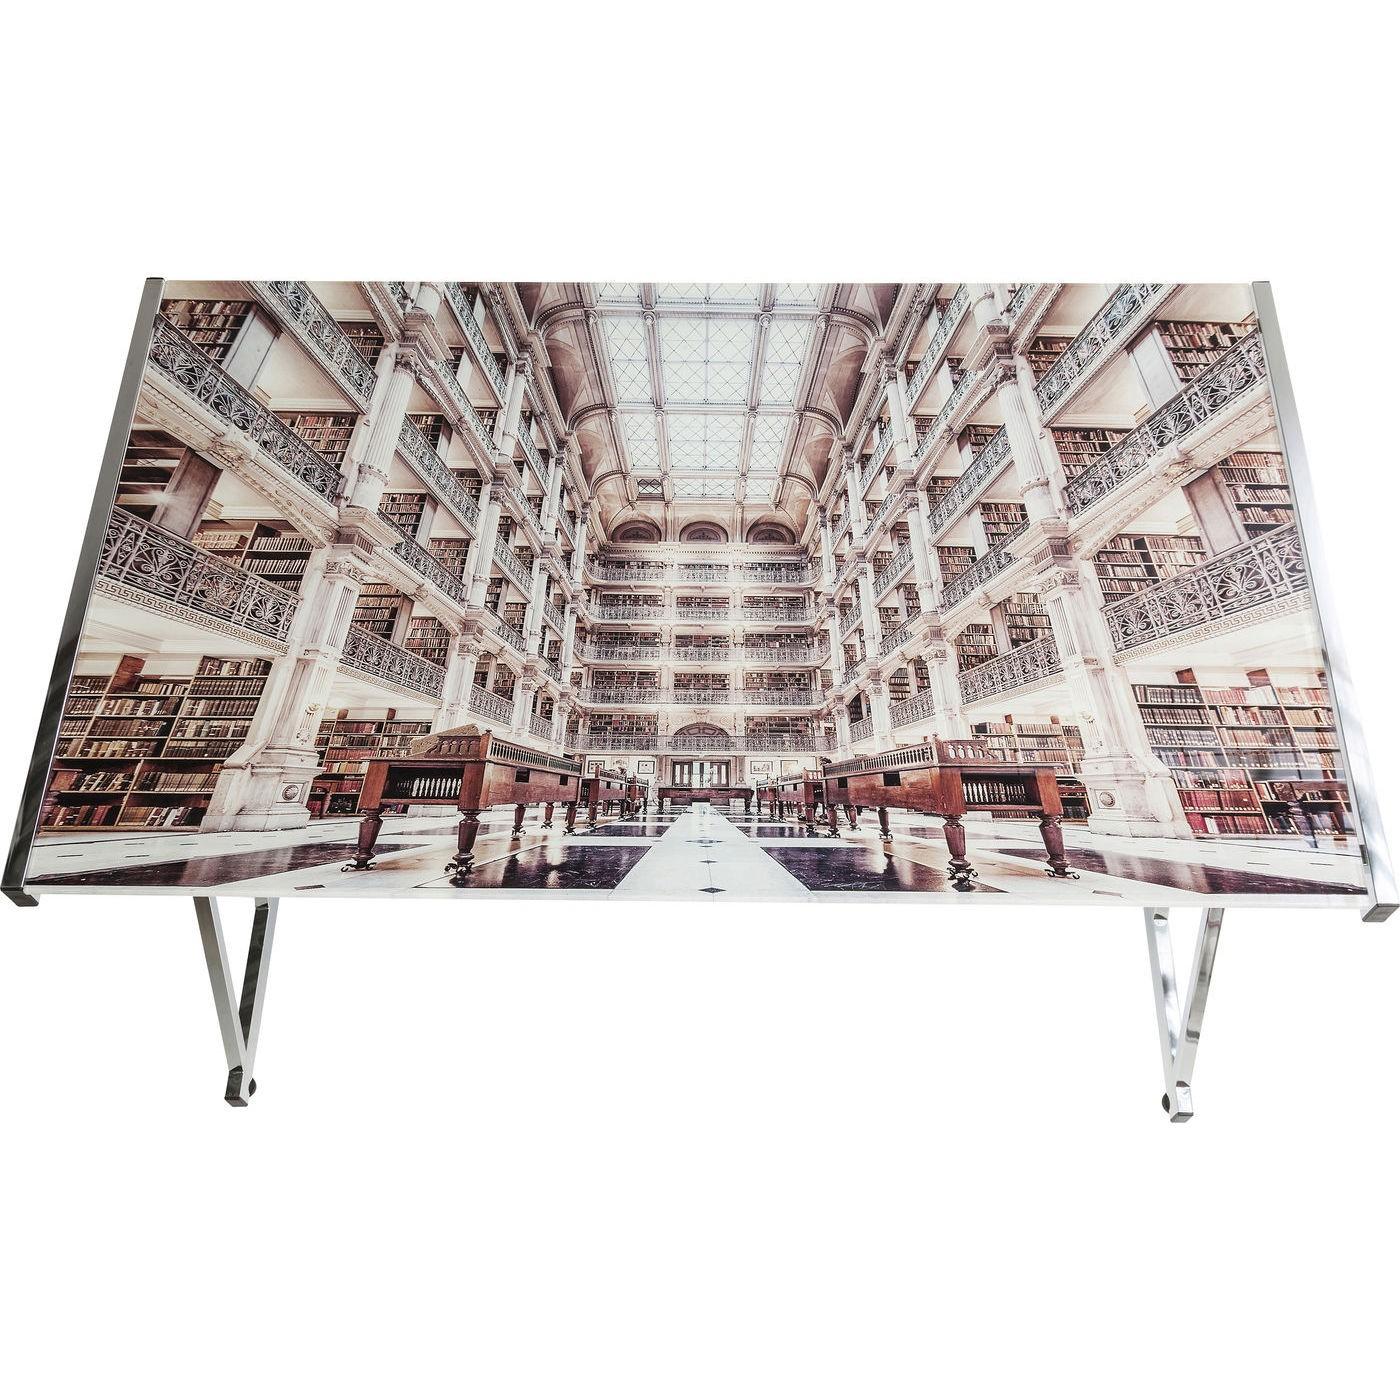 Billede af Skrivebord Mundi Library 120 x 70 cm